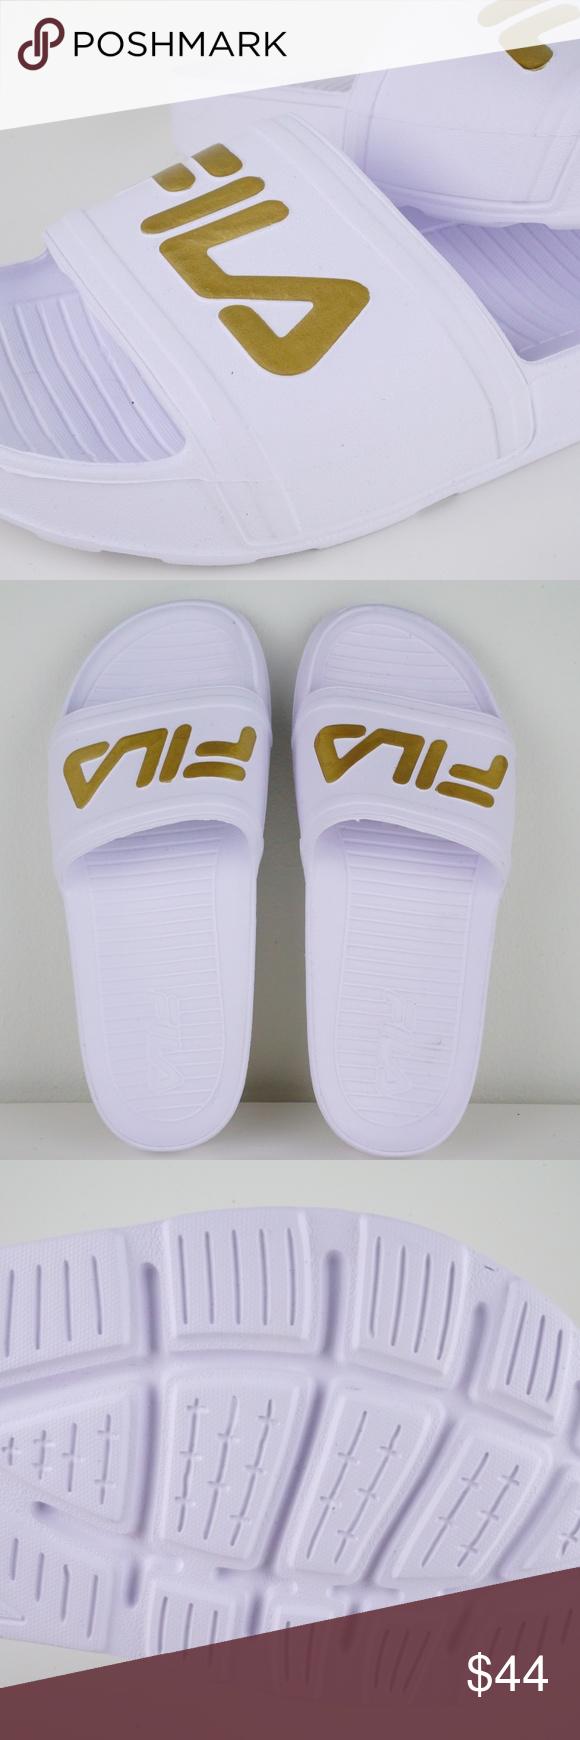 00c4508b3e08 Fila Sleek Slide LT Mens Sandals Flip Flops Brand New